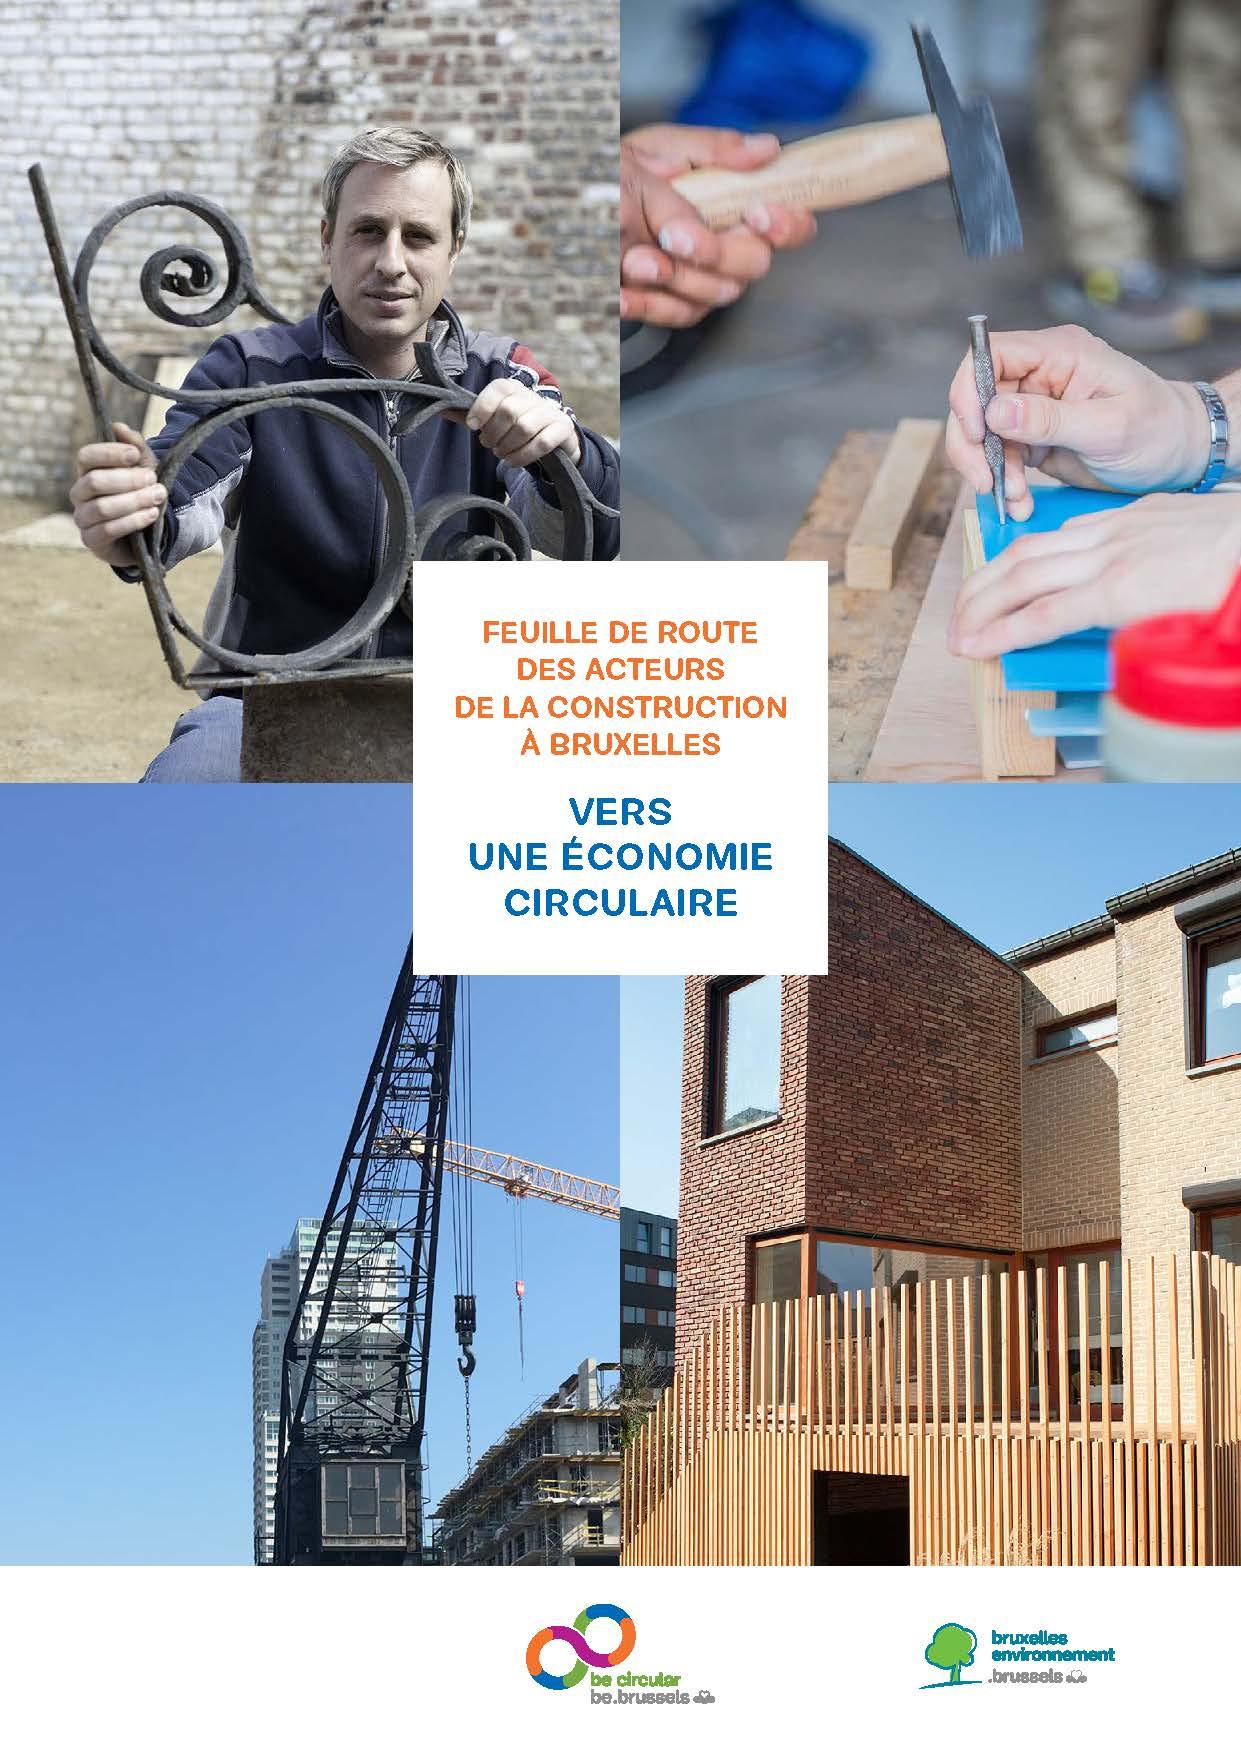 Découvrez la feuille de route des acteurs de la construction vers une économie circulaire !